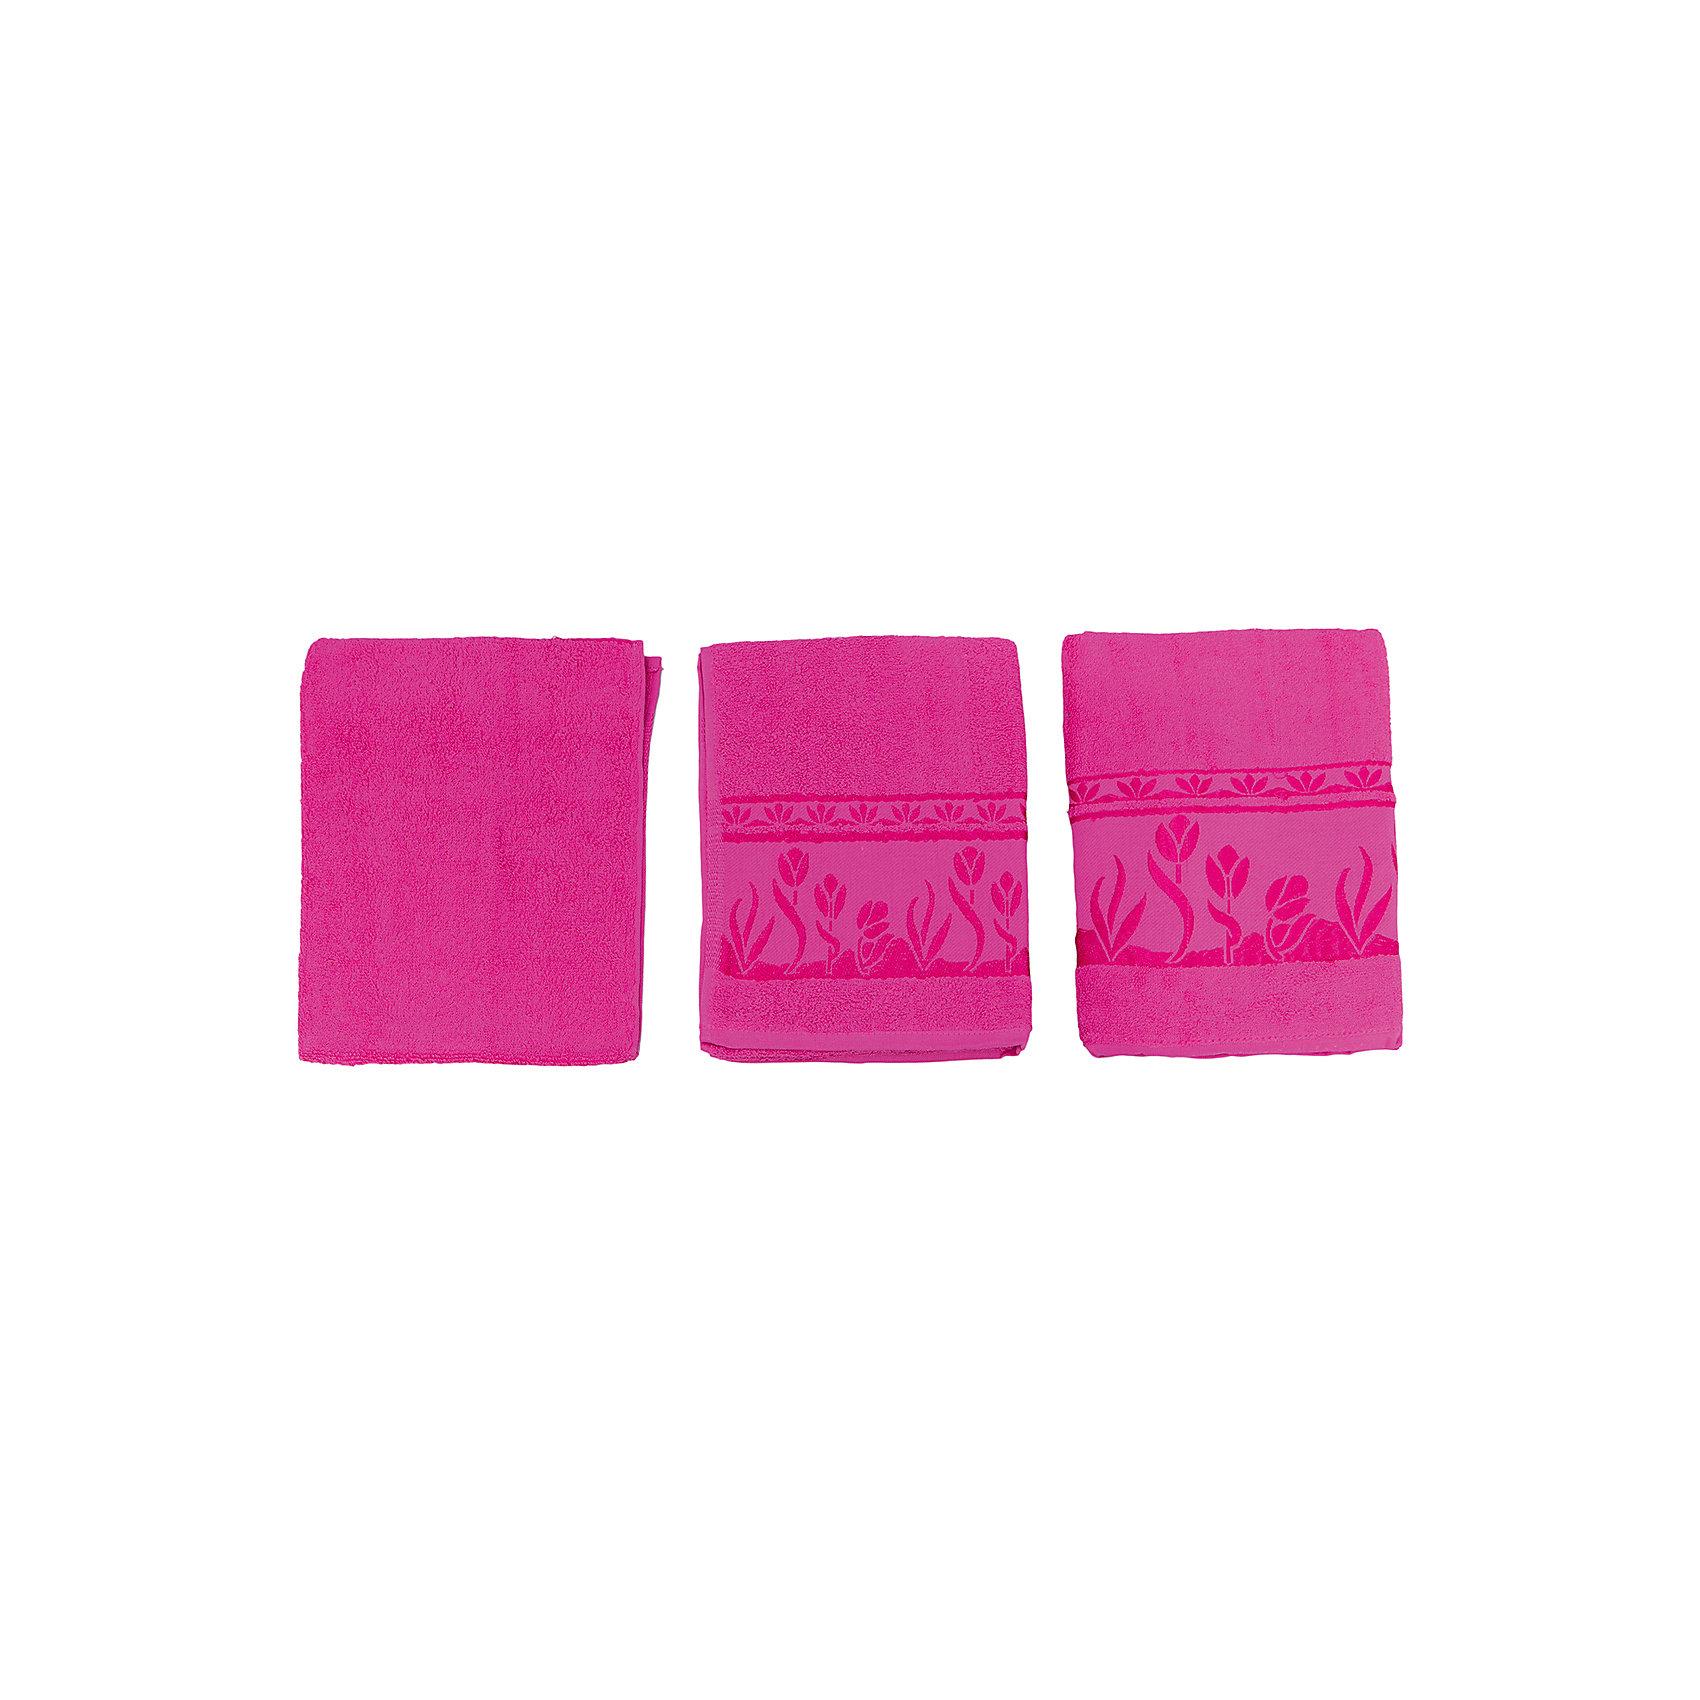 Комплект из 3 махровых полотенец Tulips, Португалия, ярко-розовыйКомплект махровых полотенец Tulips идеально подойдет для всей семьи. В комплект входят 3 полотенца разных размеров. Все изделия очень мягкие, изготовлены из качественного хлопка и очень приятны телу. Украшены красивым орнаментом по краю. Отличный вариант для вашей ванной комнаты!<br><br>Дополнительная информация:<br>Материал: 100% хлопок<br>Цвет: ярко-розовый<br>Размеры: 40х75; 50х100; 70х140 см<br>Торговая марка: Португалия<br><br>Вы можете купить комплект из 3-х махровых полотенец Tulips в нашем интернет-магазине.<br><br>Ширина мм: 500<br>Глубина мм: 500<br>Высота мм: 200<br>Вес г: 700<br>Возраст от месяцев: 0<br>Возраст до месяцев: 144<br>Пол: Унисекс<br>Возраст: Детский<br>SKU: 5010910